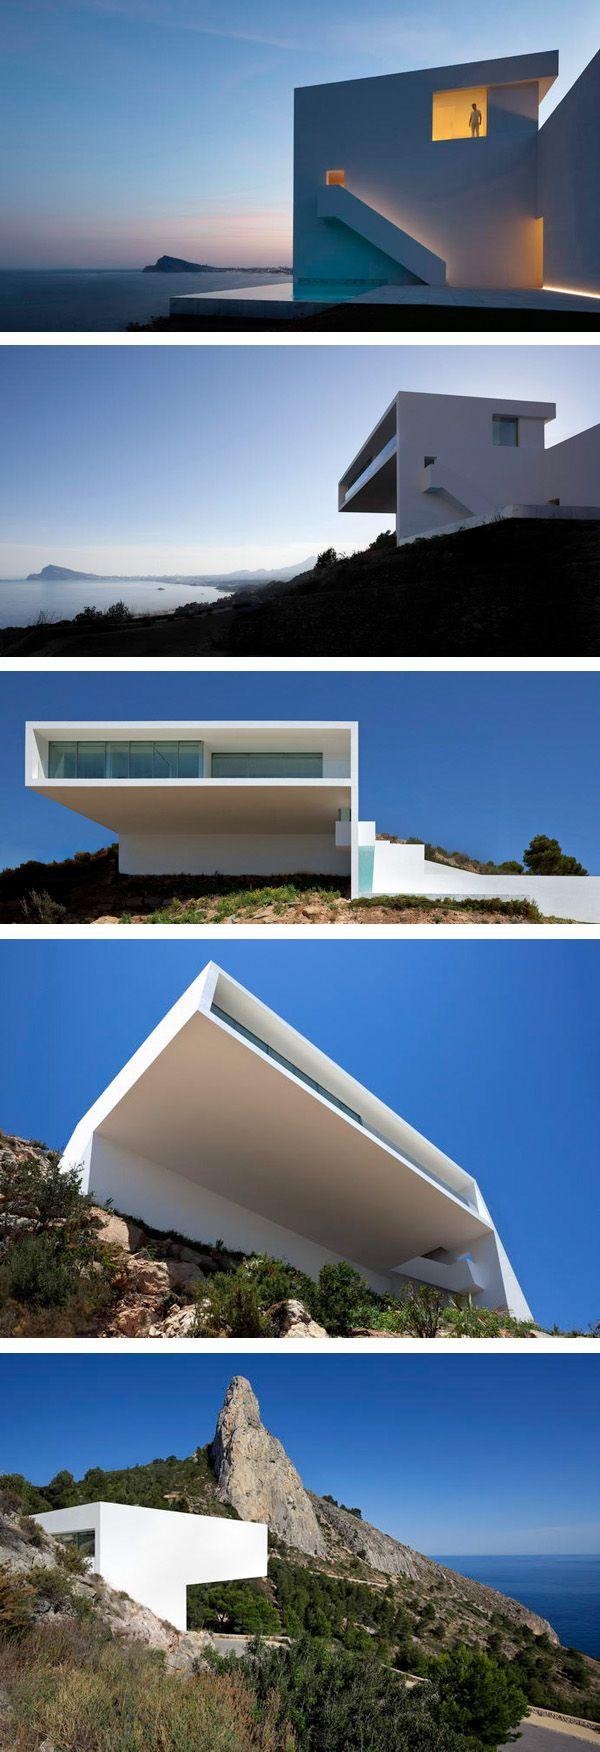 pictures Casa del Acantilado Mirrors The Waves Of The Mediterranean Sea